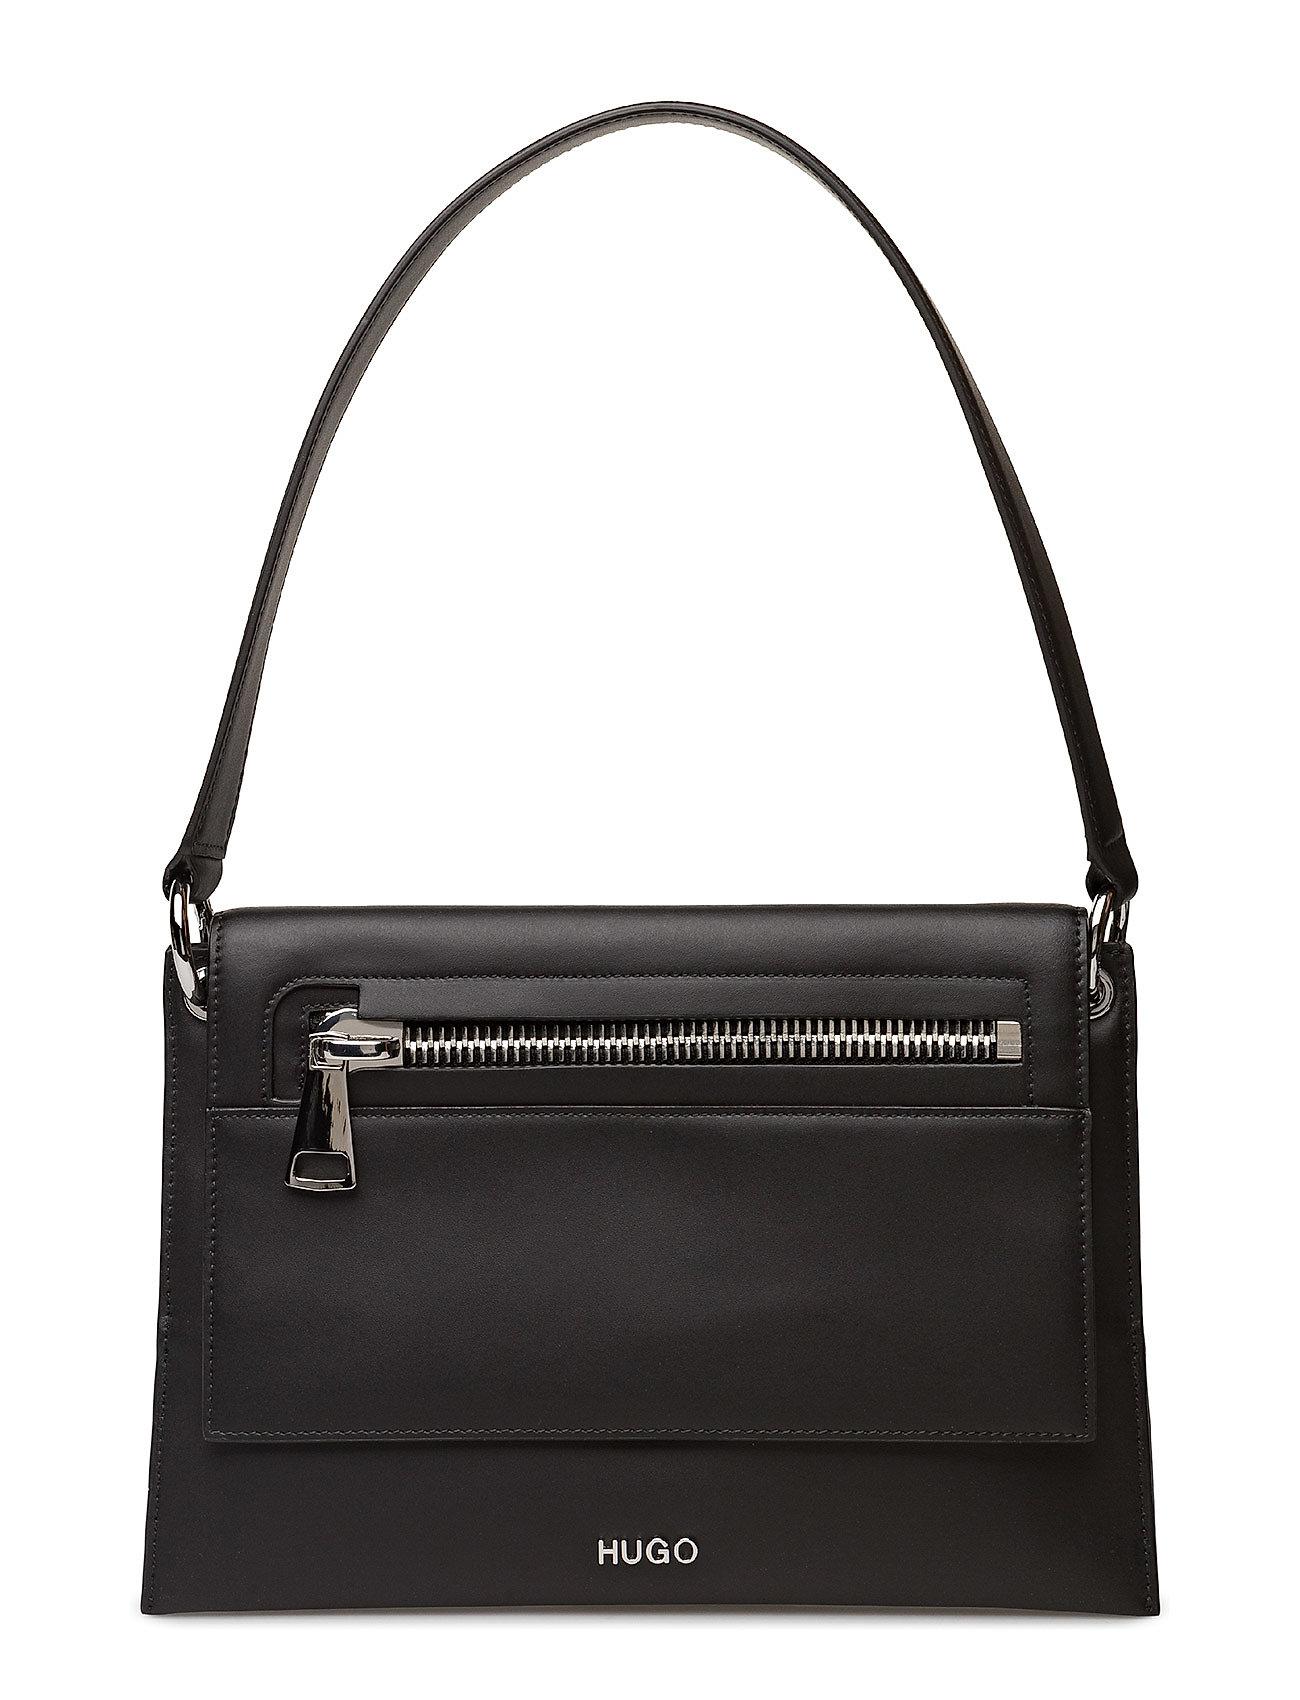 832ed44f9ab Hugo Boss håndtasker – Hoxton Shoulder Bag til dame i Sort - Pashion.dk